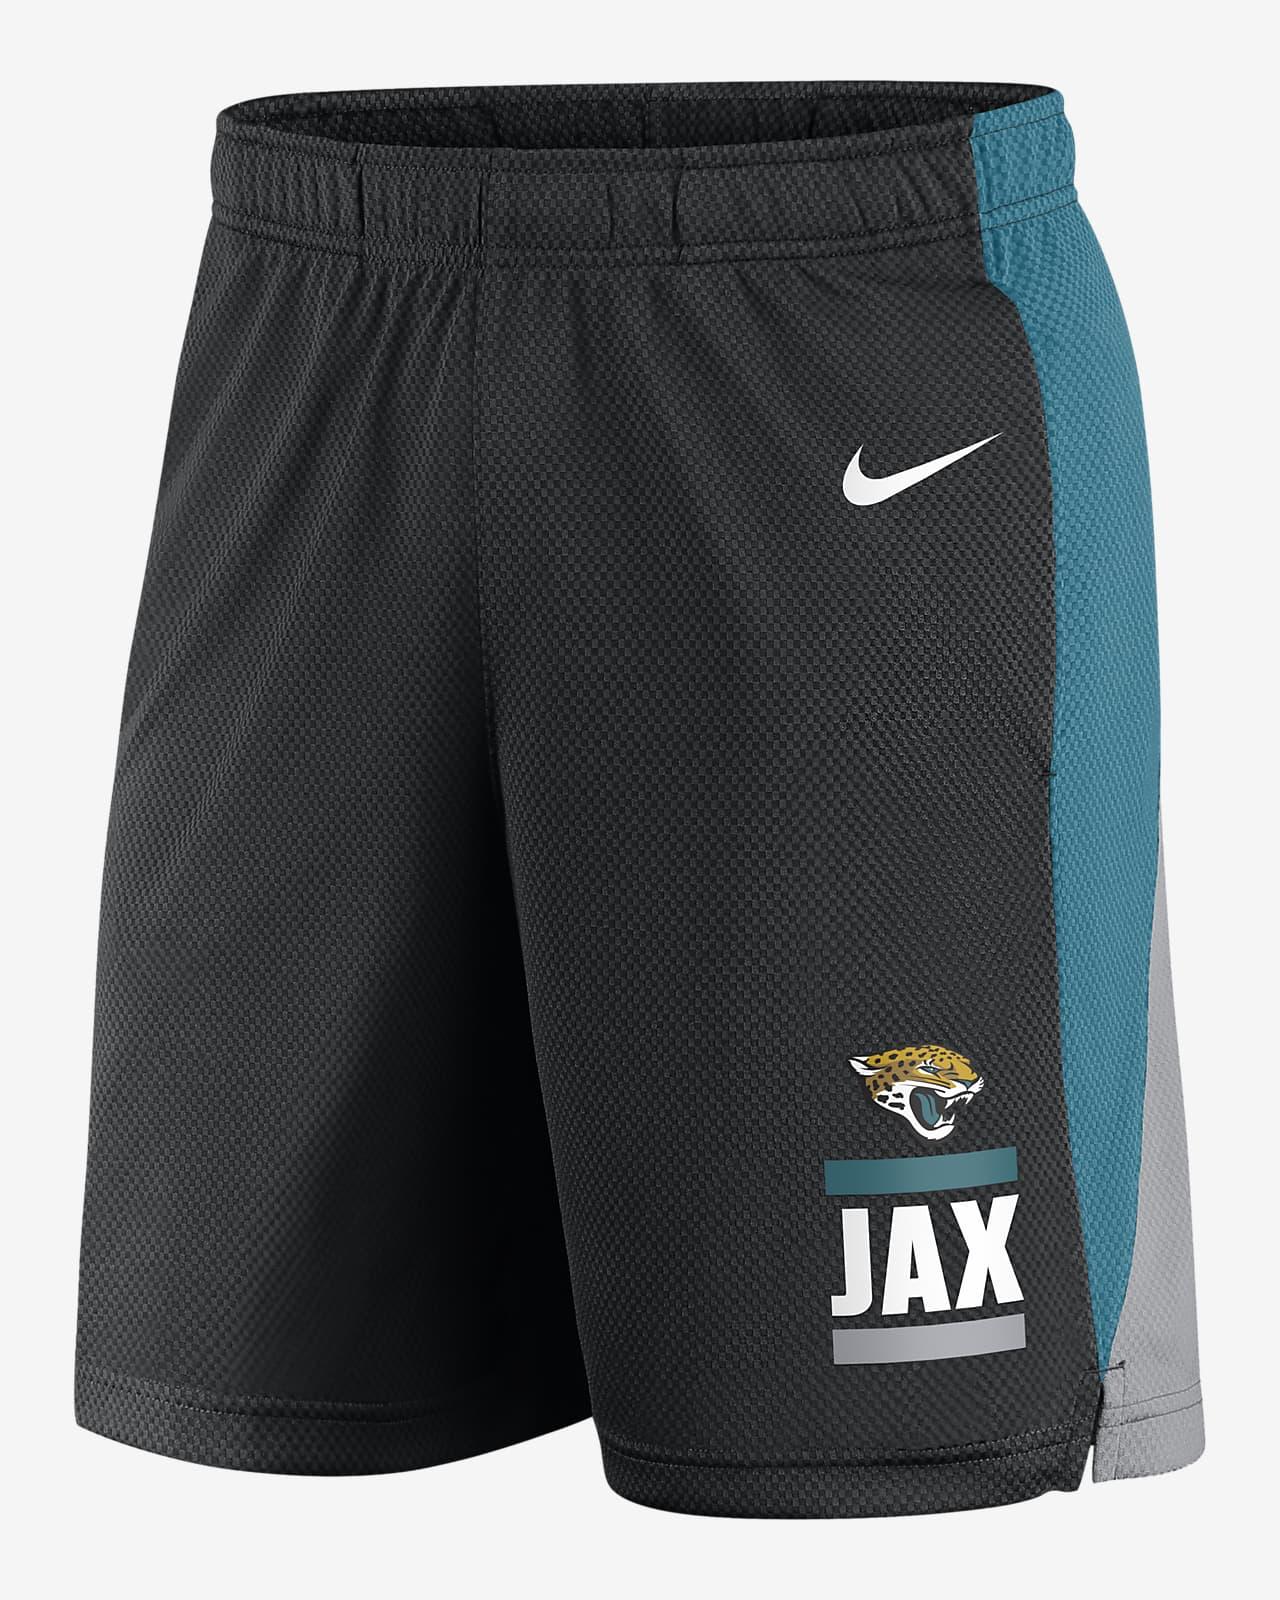 Nike Dri-FIT Broadcast (NFL Jacksonville Jaguars) Men's Shorts